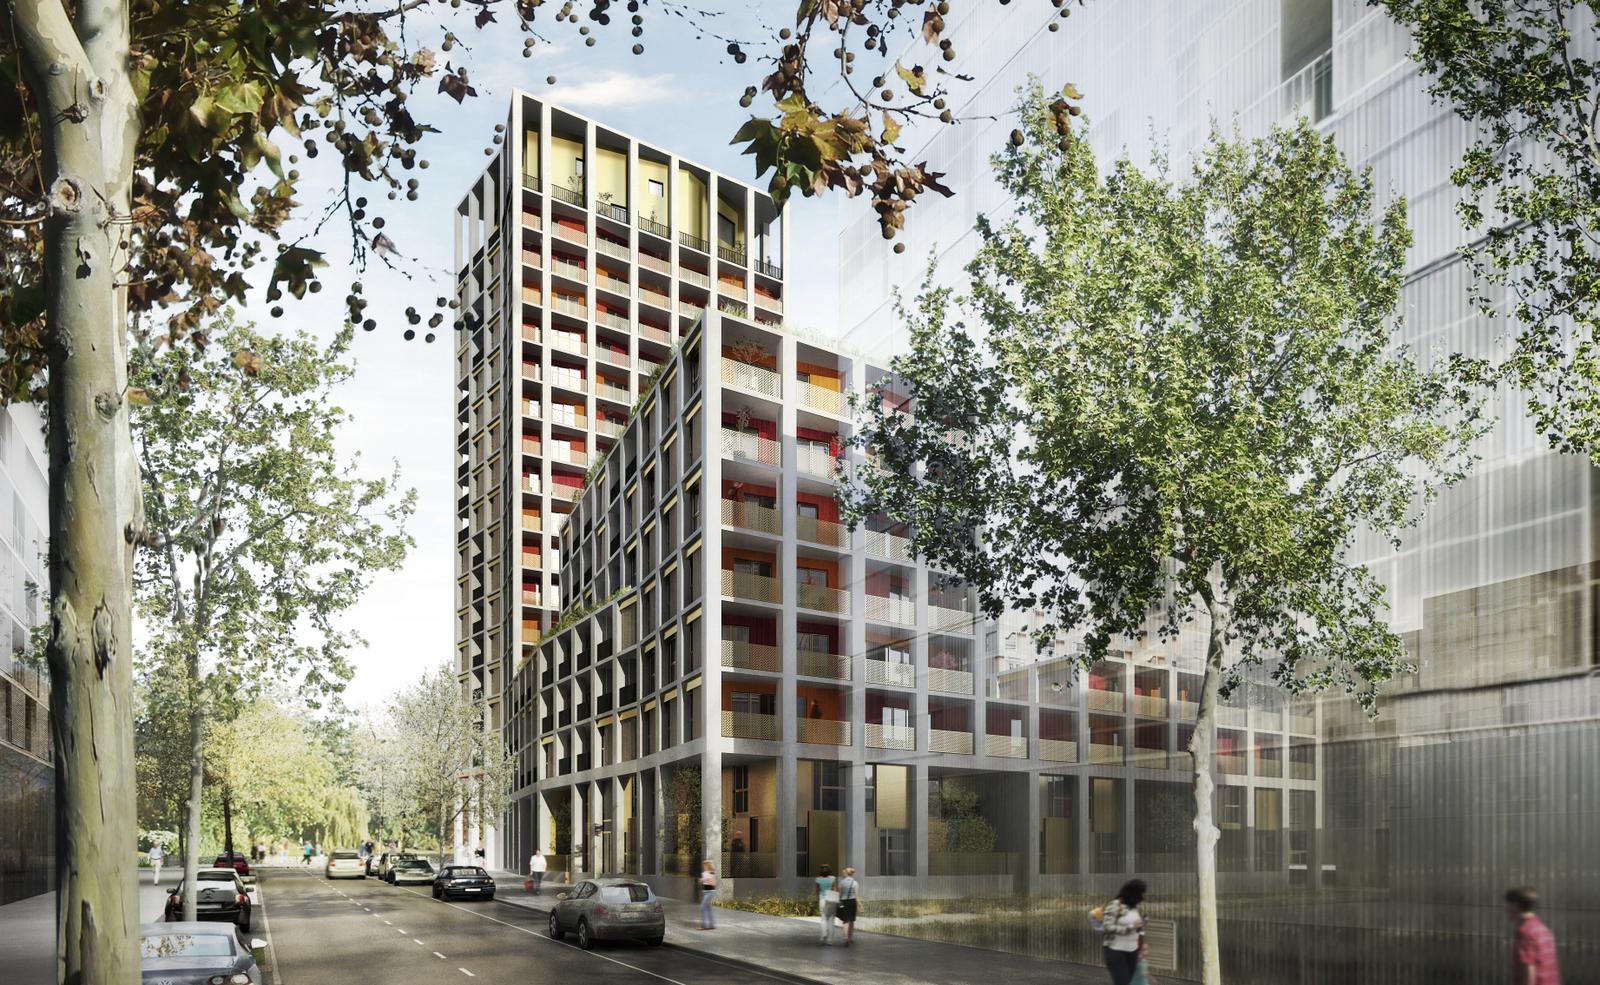 Concours collectif tour ZAC Baud Chardonnet Rennes réalisation